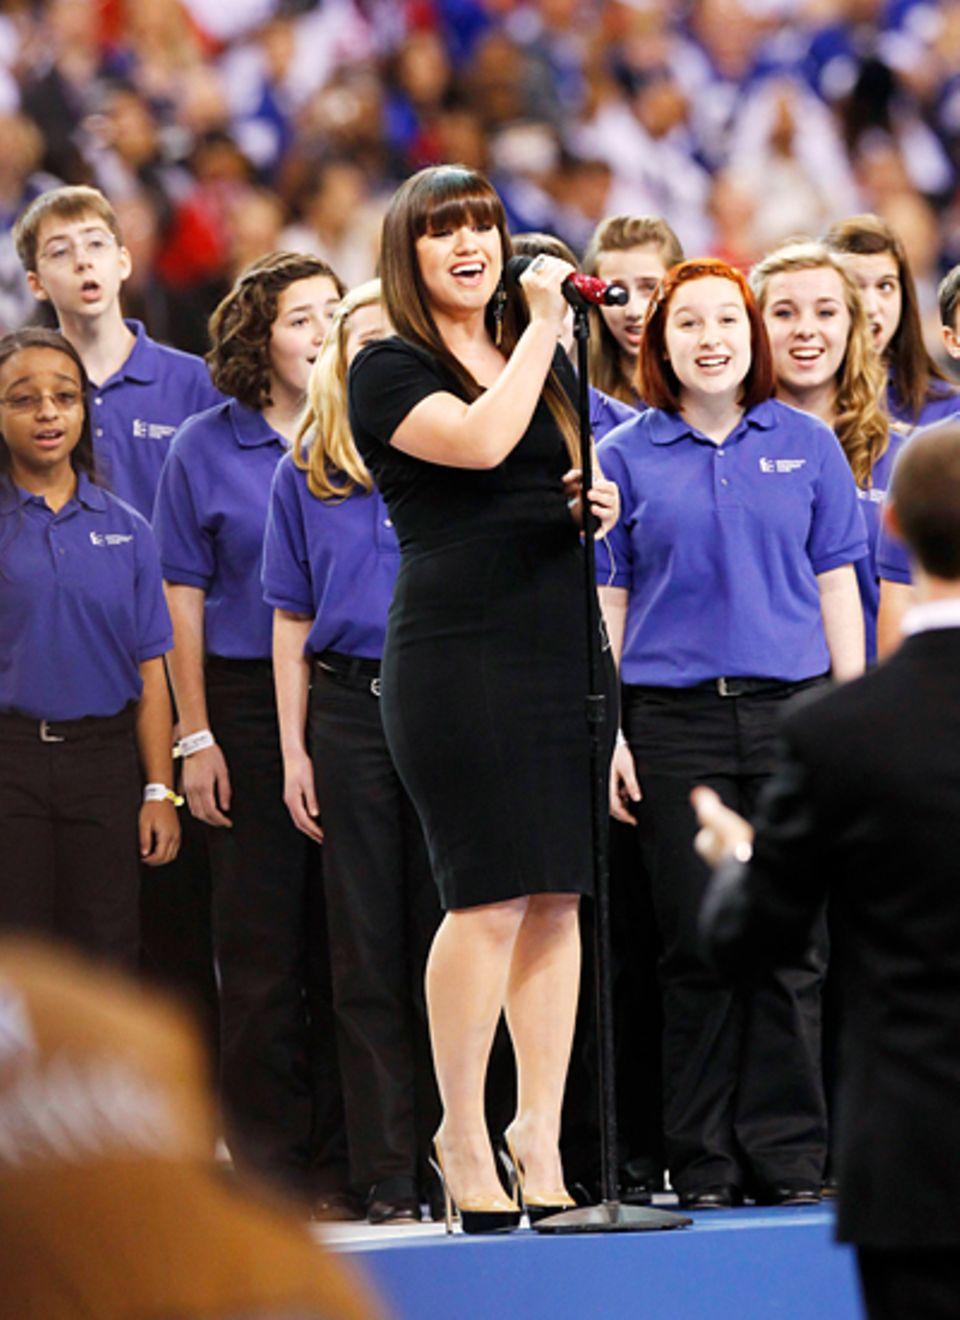 Die Nationalhymne wird von Kelly Clarkson gesungen.